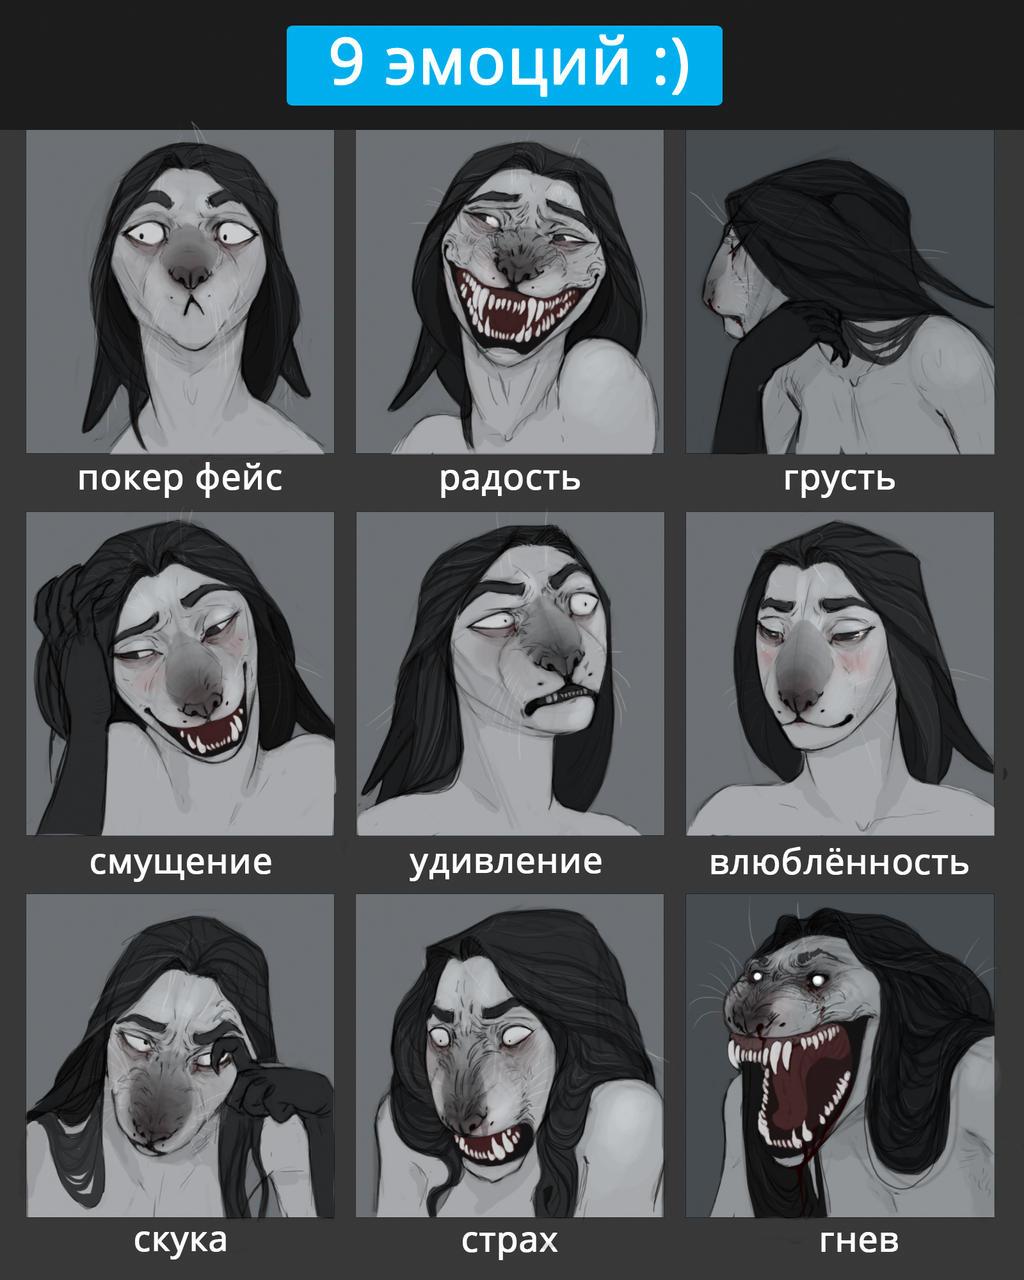 http://img11.deviantart.net/873f/i/2014/180/c/1/9_emotions_by_reykat-d7ojy51.jpg